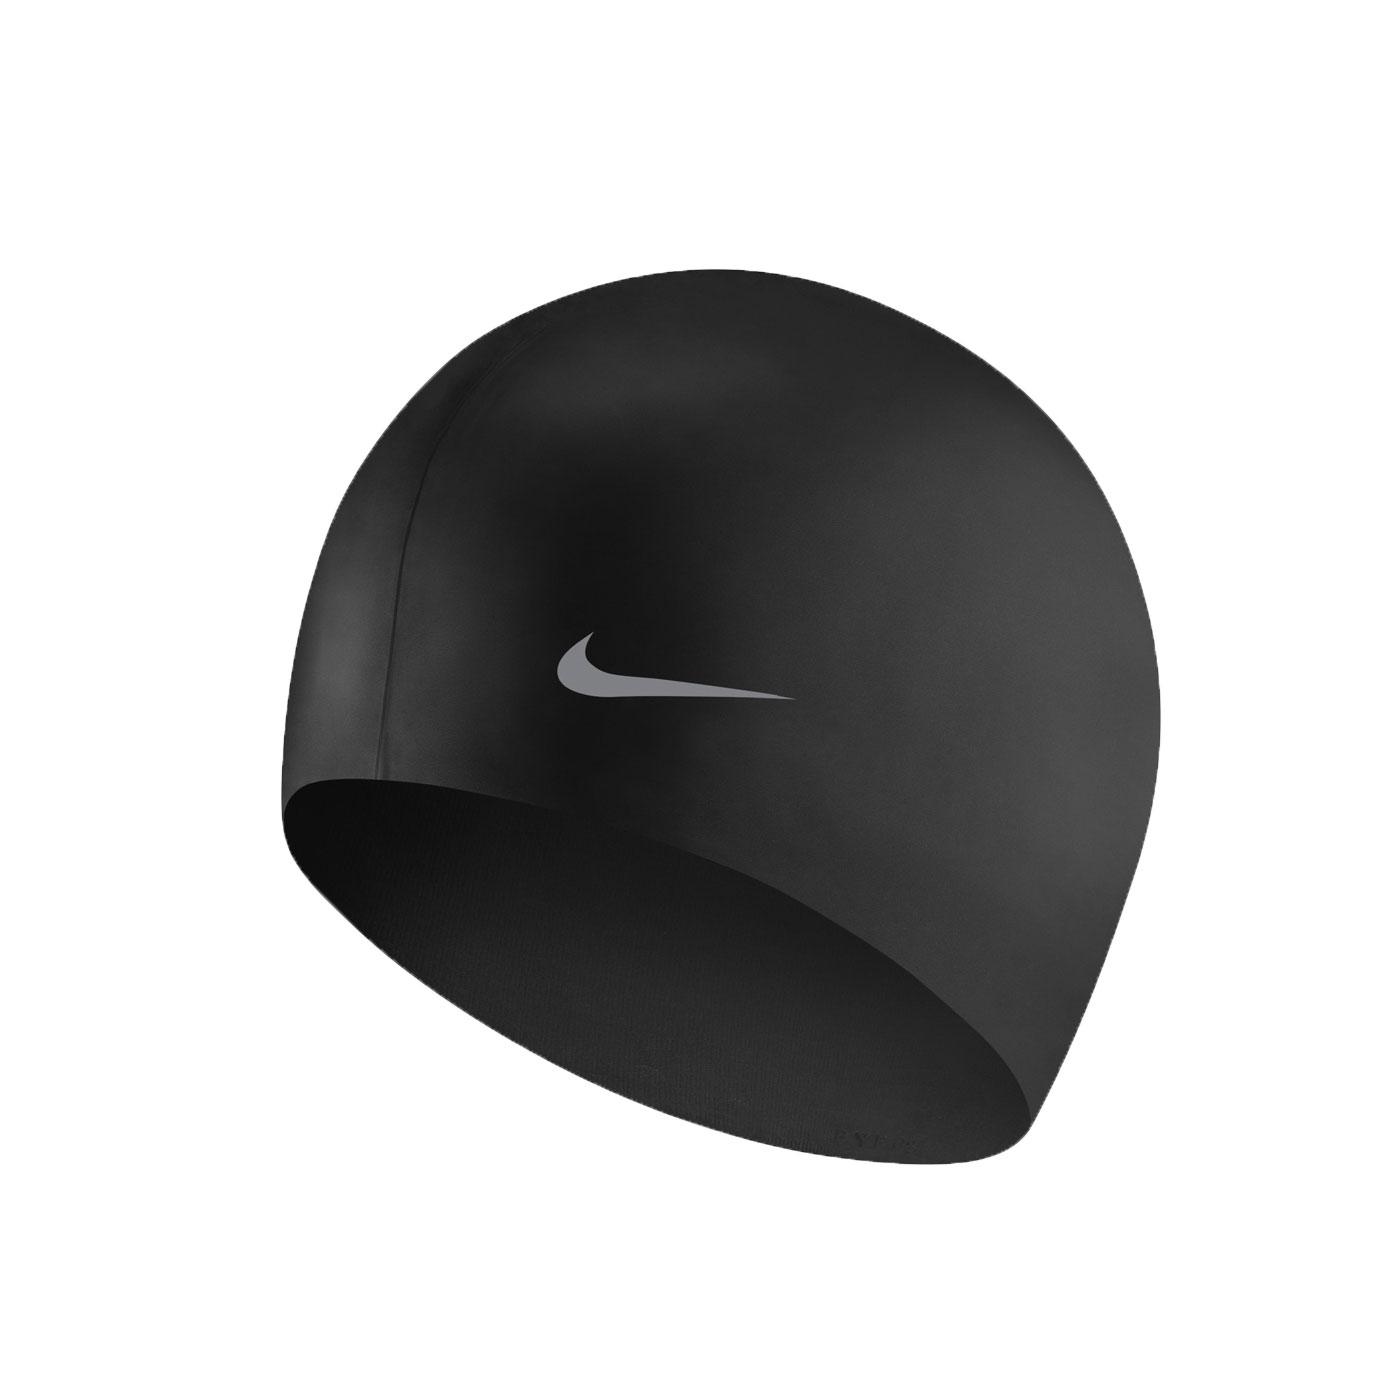 NIKE SWIM 青年矽膠泳帽 TESS0106-001 - 黑銀